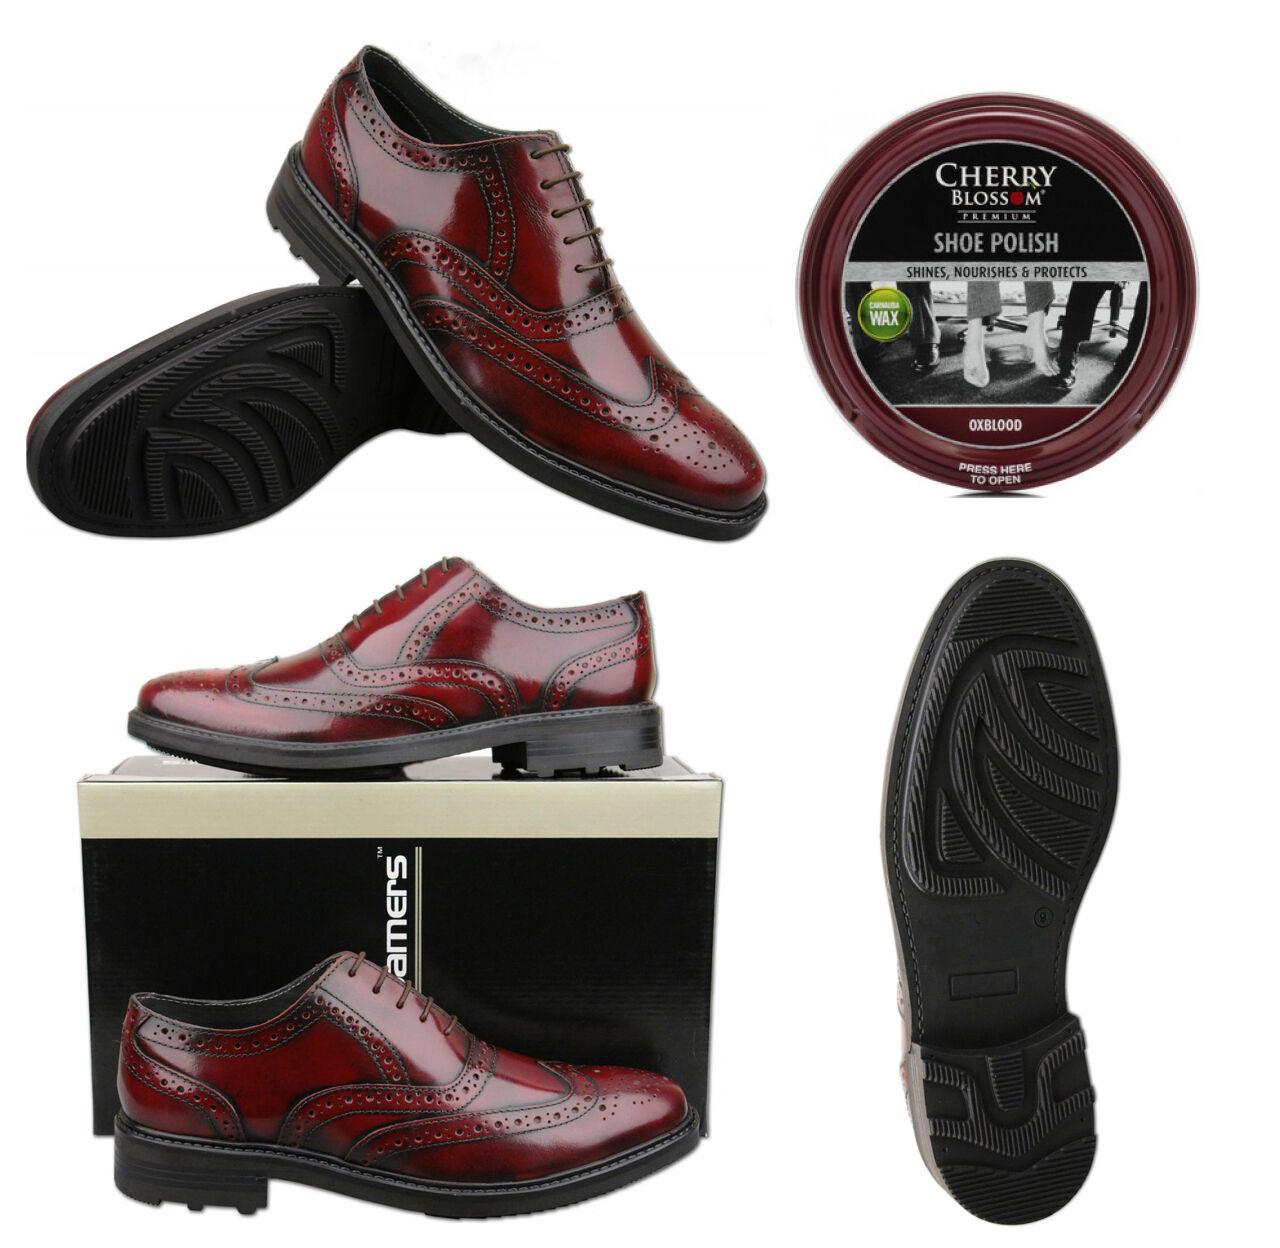 Mens Leather Oxblood Brogues con opzionale SCARPA POLACCO Taglia 6 7 8 9 10 11 12 | Ben Noto Per Le Sue Belle Qualità  | Scolaro/Ragazze Scarpa